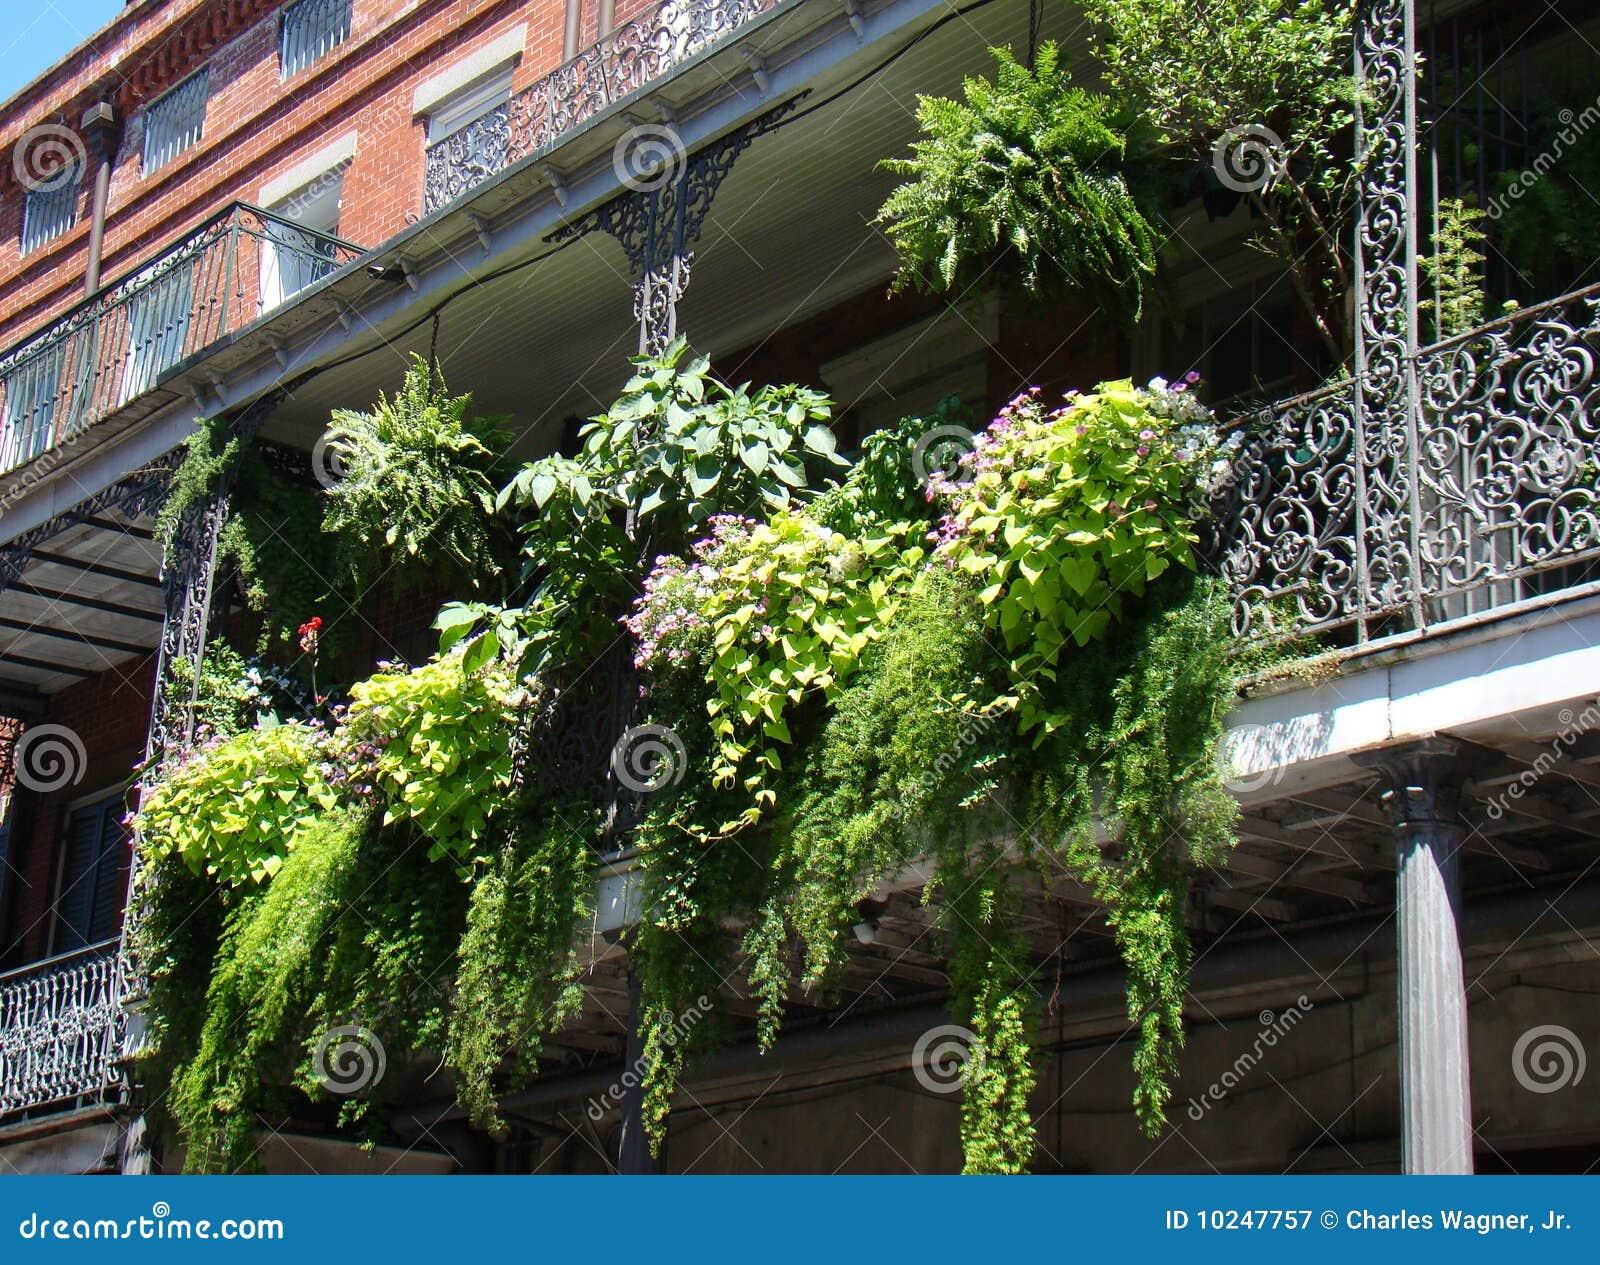 Balkon farn garten stockbild bild von wrought reise for Garten balkon